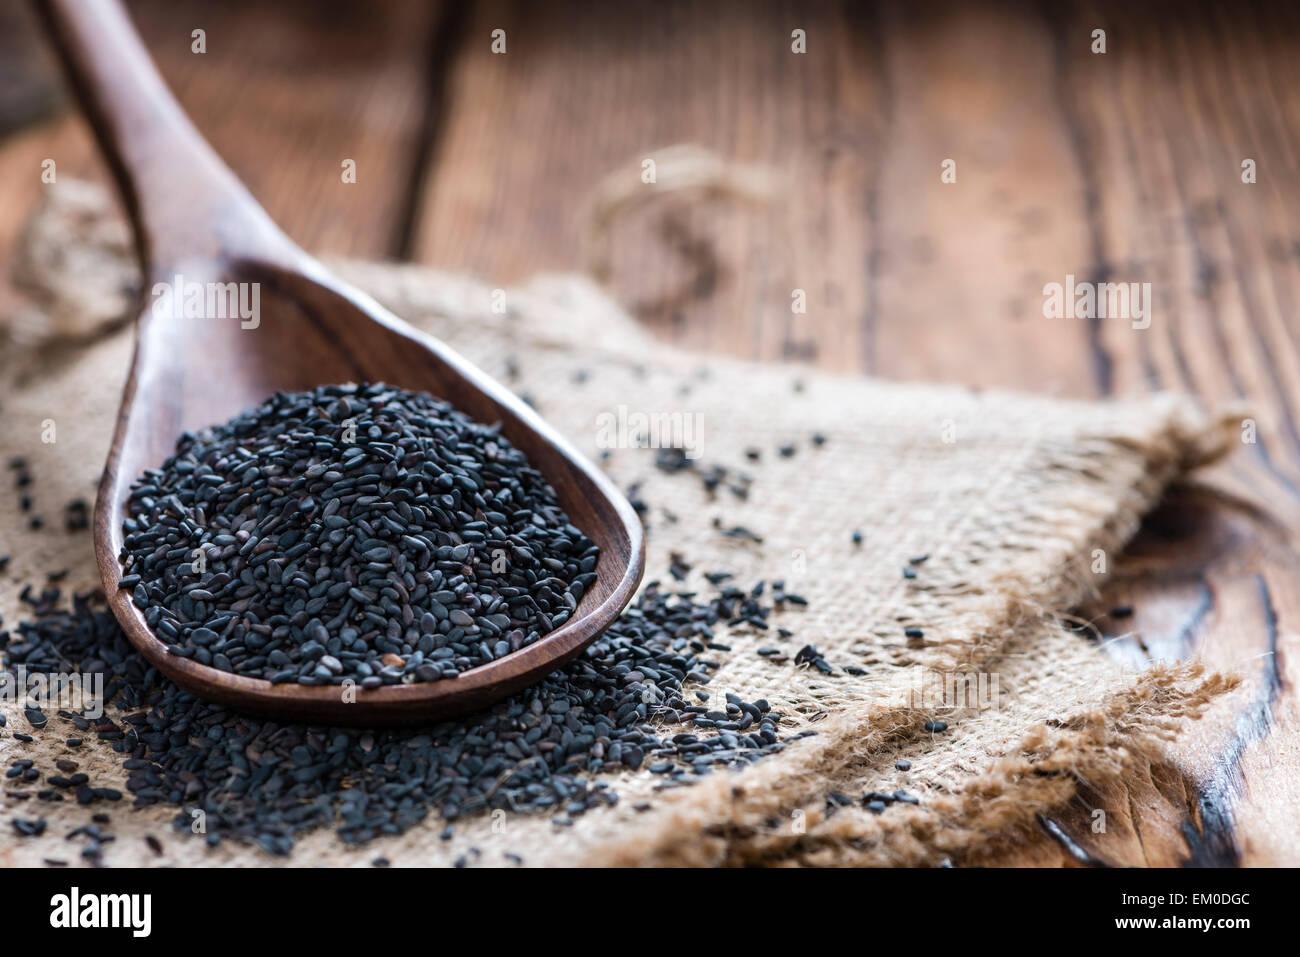 Portion of black Sesame (detailed close-up shot) - Stock Image